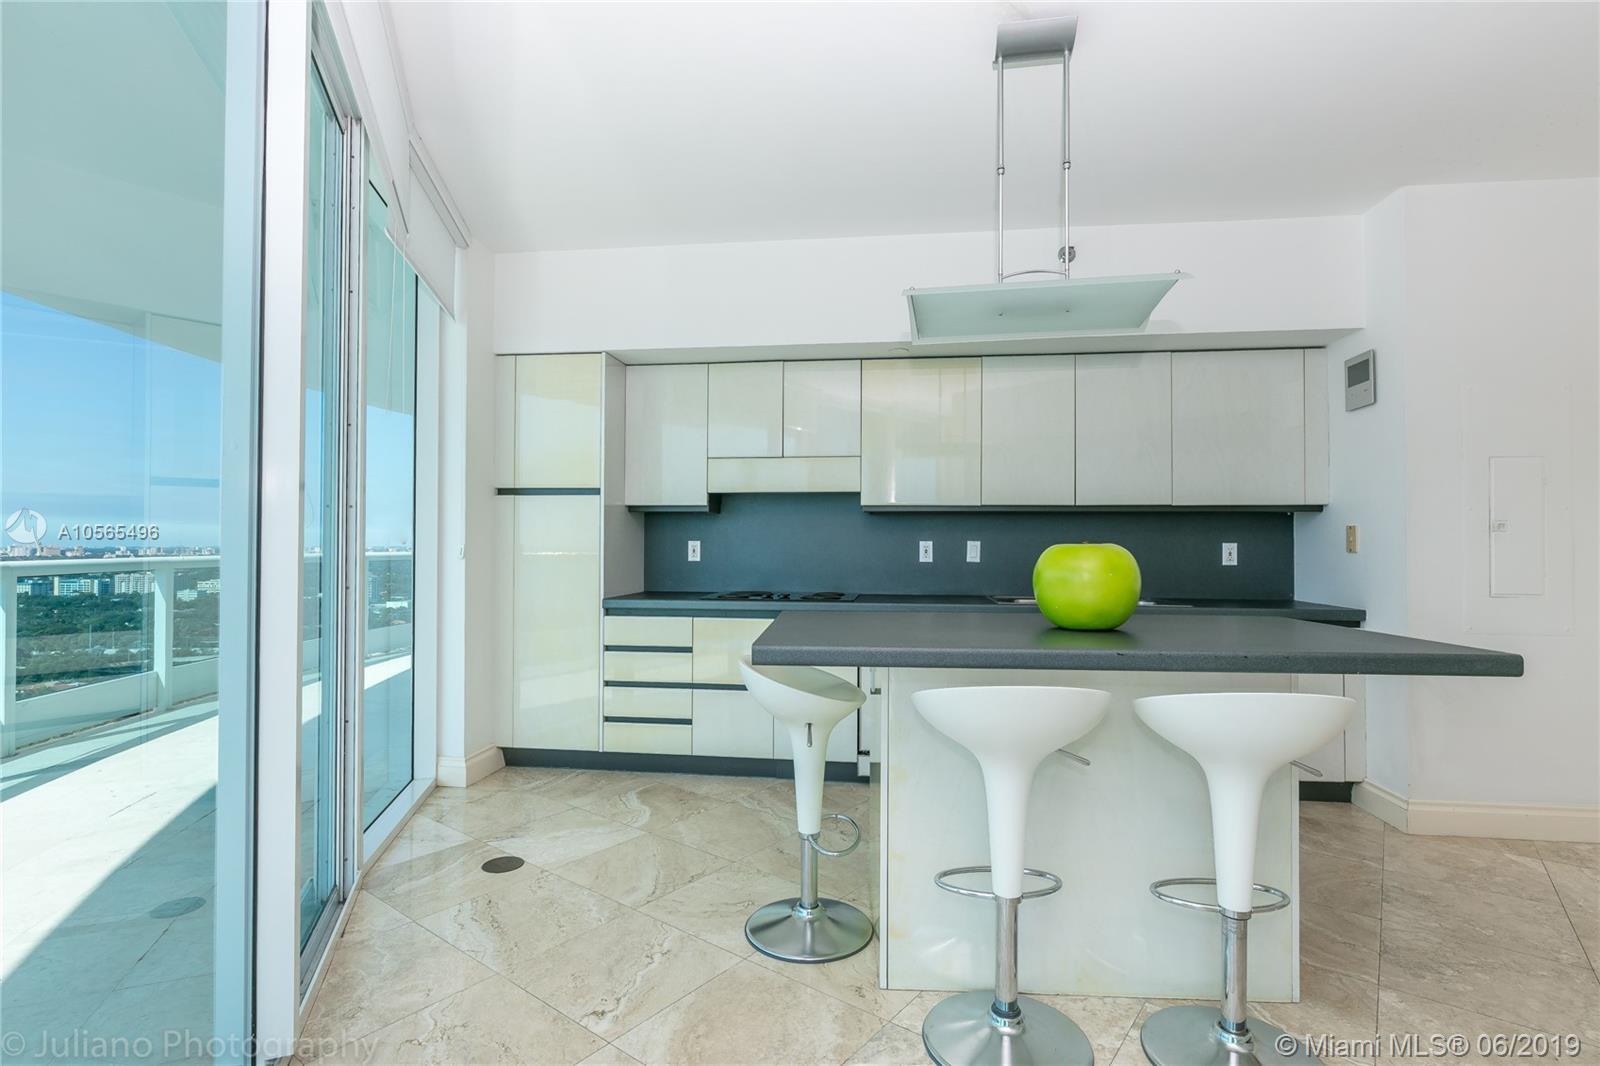 2127 Brickell Avenue, Miami, FL 33129, Bristol Tower Condominium #2902, Brickell, Miami A10565496 image #14